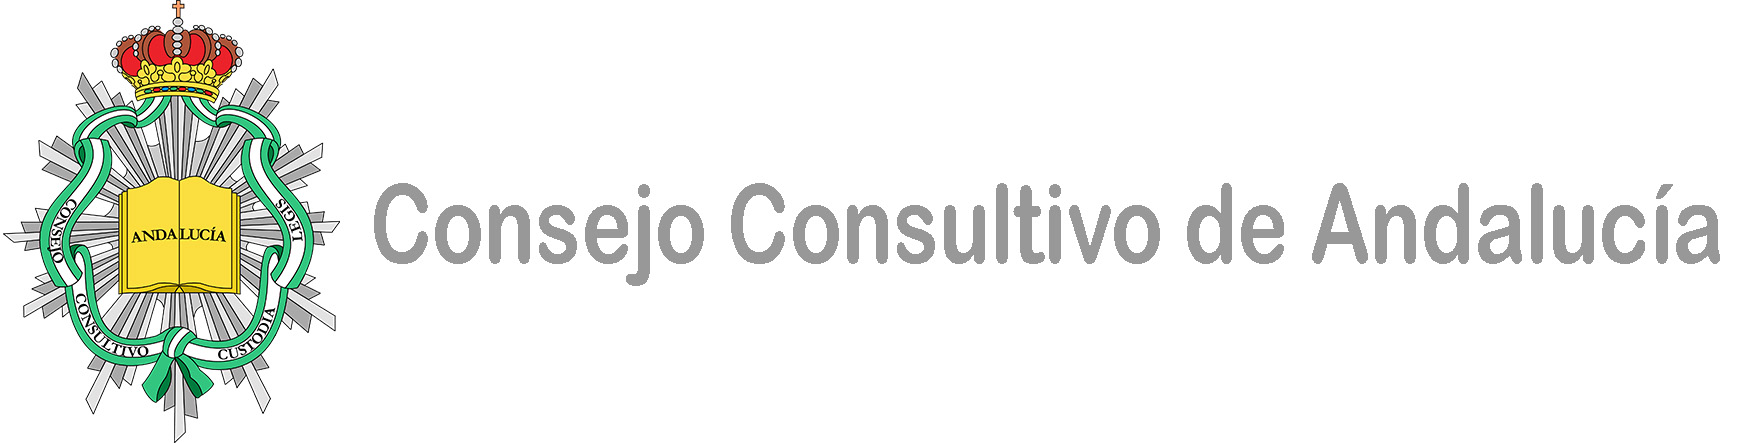 logotipo_web_noticias